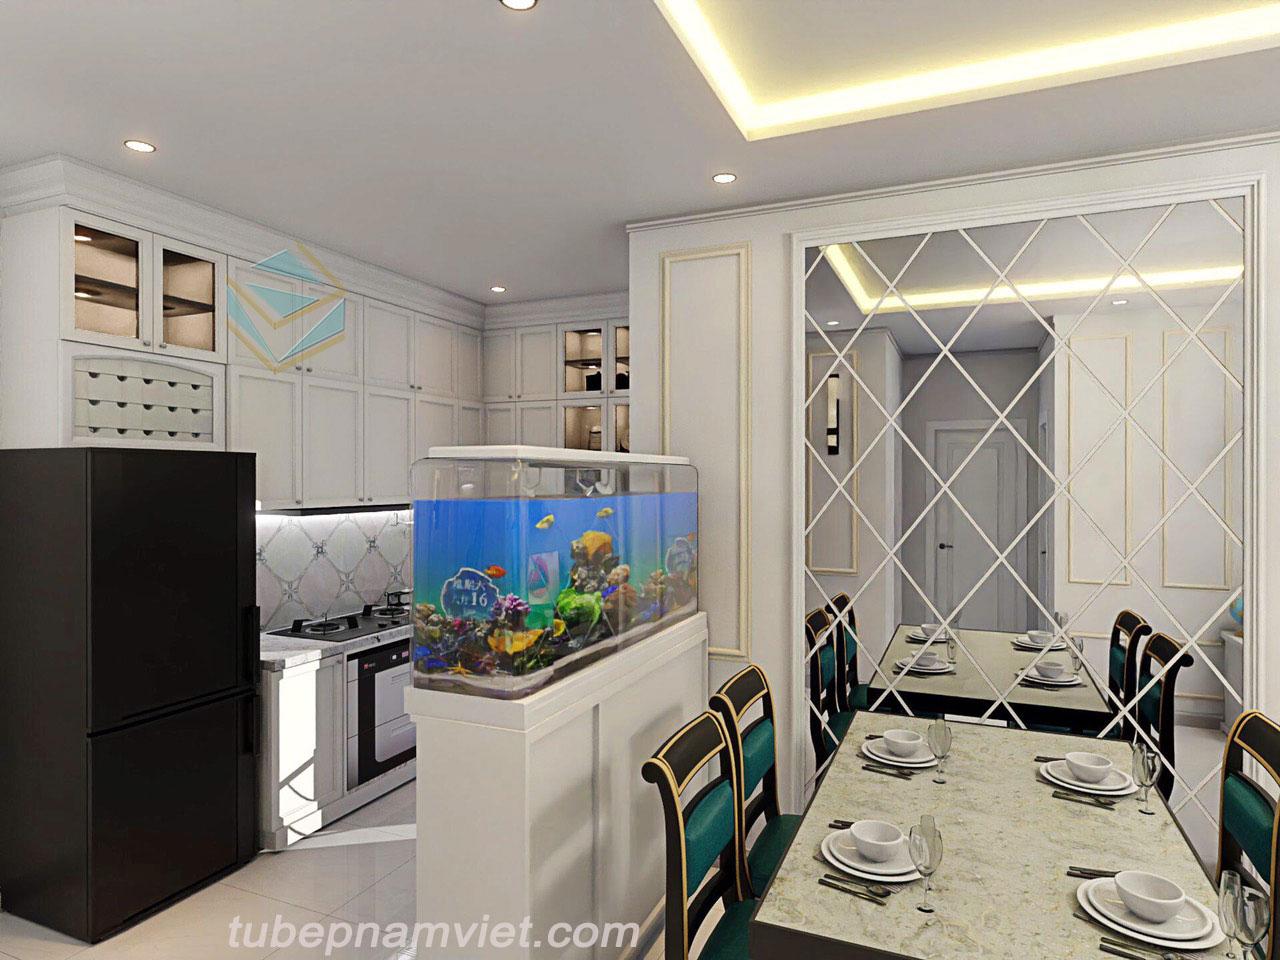 Mẫu thiết kế tủ bếp gỗ theo phong cách bán cổ điển dành cho căn hộ